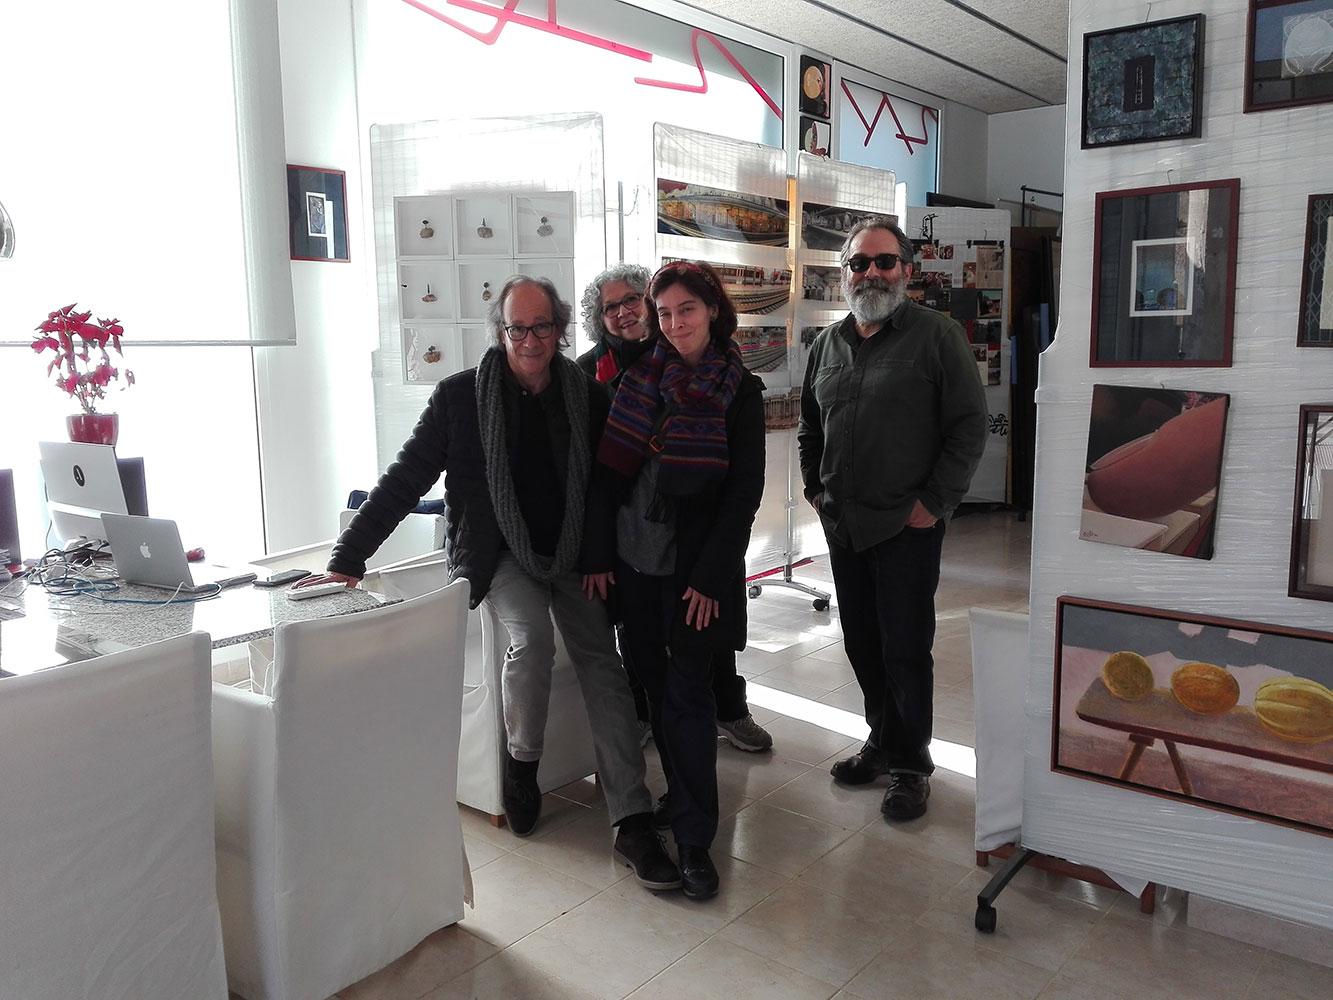 L'artista plàstic Compte amb visitants davant d'una de les seves obres.